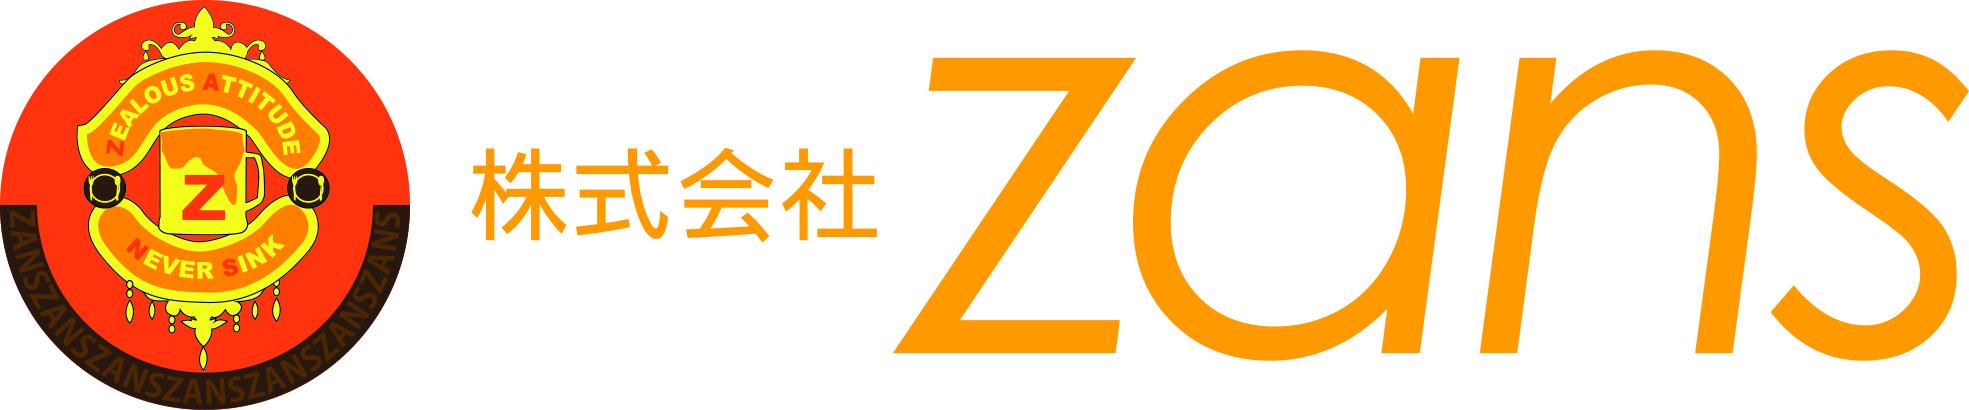 株式会社 zans 採用サイト